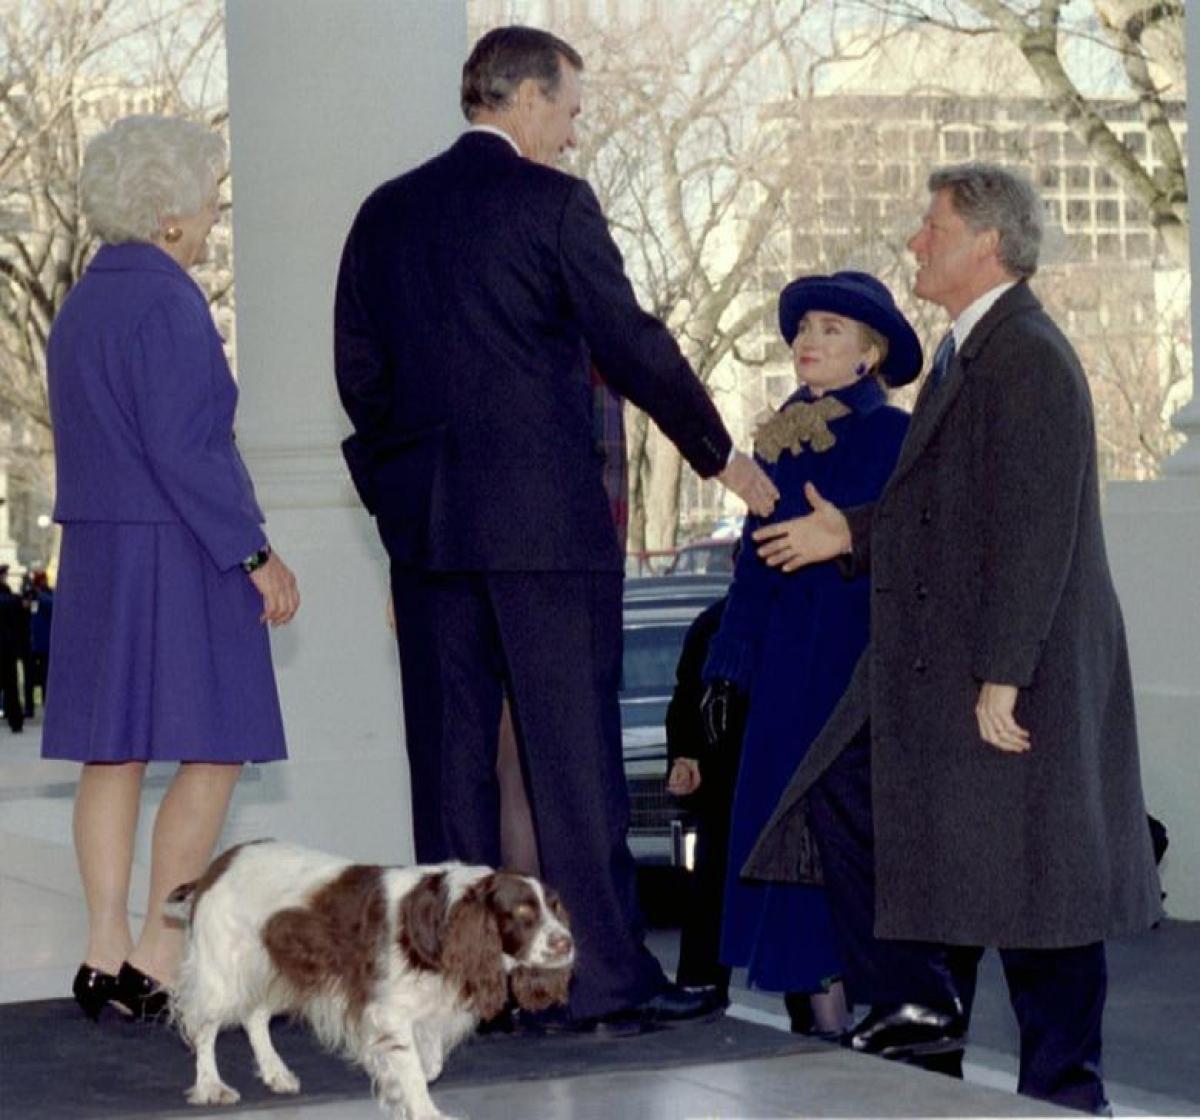 Tổng thống đắc cử Bill Clinton bắt tay Tổng thống George Bush khi ông cùng phu nhân Hillary tới Nhà Trắng ngày 20/1/1993. Bên trái là Đệ nhất phu nhân Barbara Bush và chú chó Millie ở phía sau.